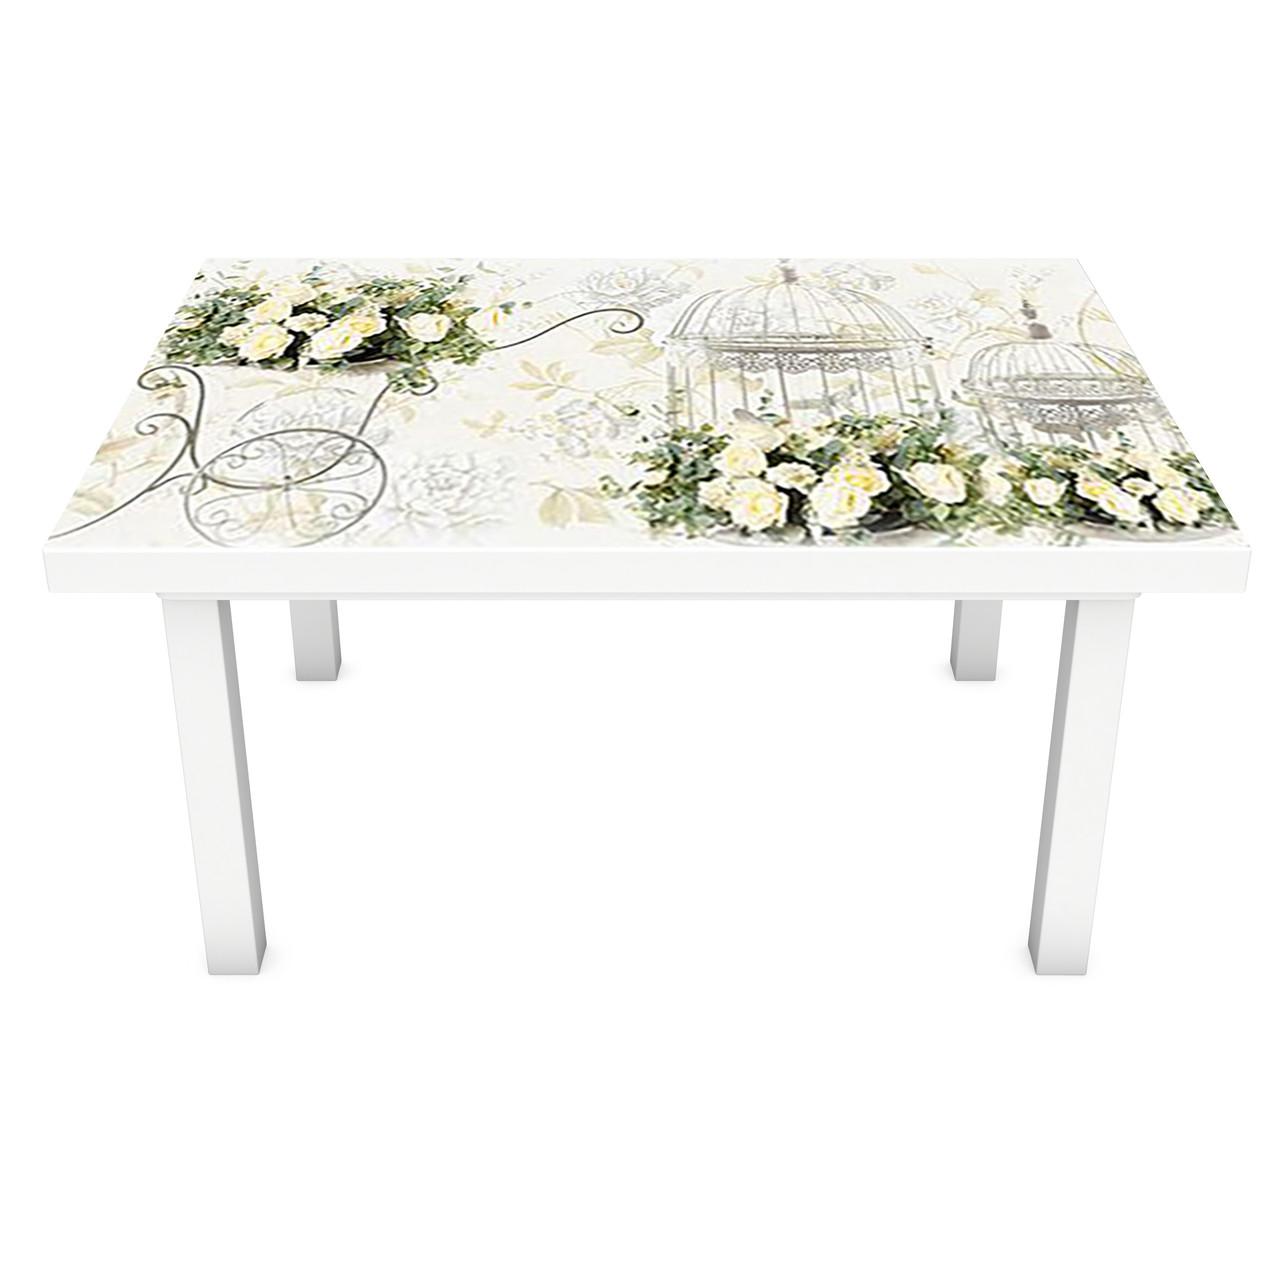 Наклейка на стол виниловая Винтажные розы ПВХ пленка для мебели интерьерная 3D цветы бежевый 600*1200 мм